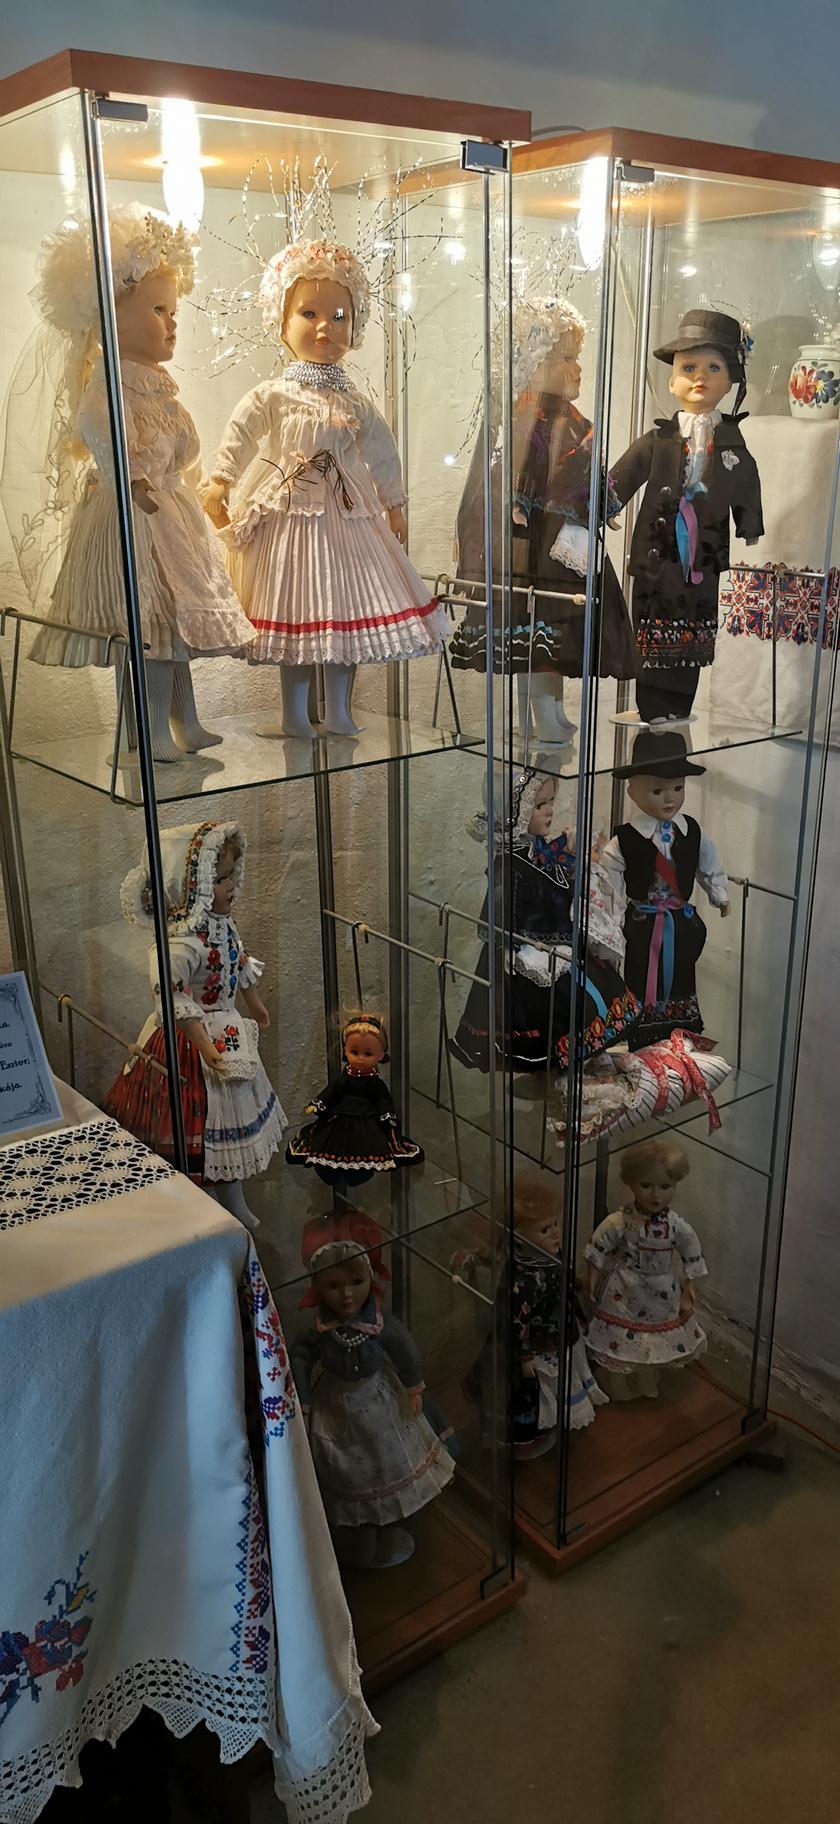 A Tájház, Alkotóház és a Viselettörténeti Babamúzeum állandó kiállításán megismerhetik az érdeklődők a helyi hagyományokat és a palóc viselet változásait a történelem során.